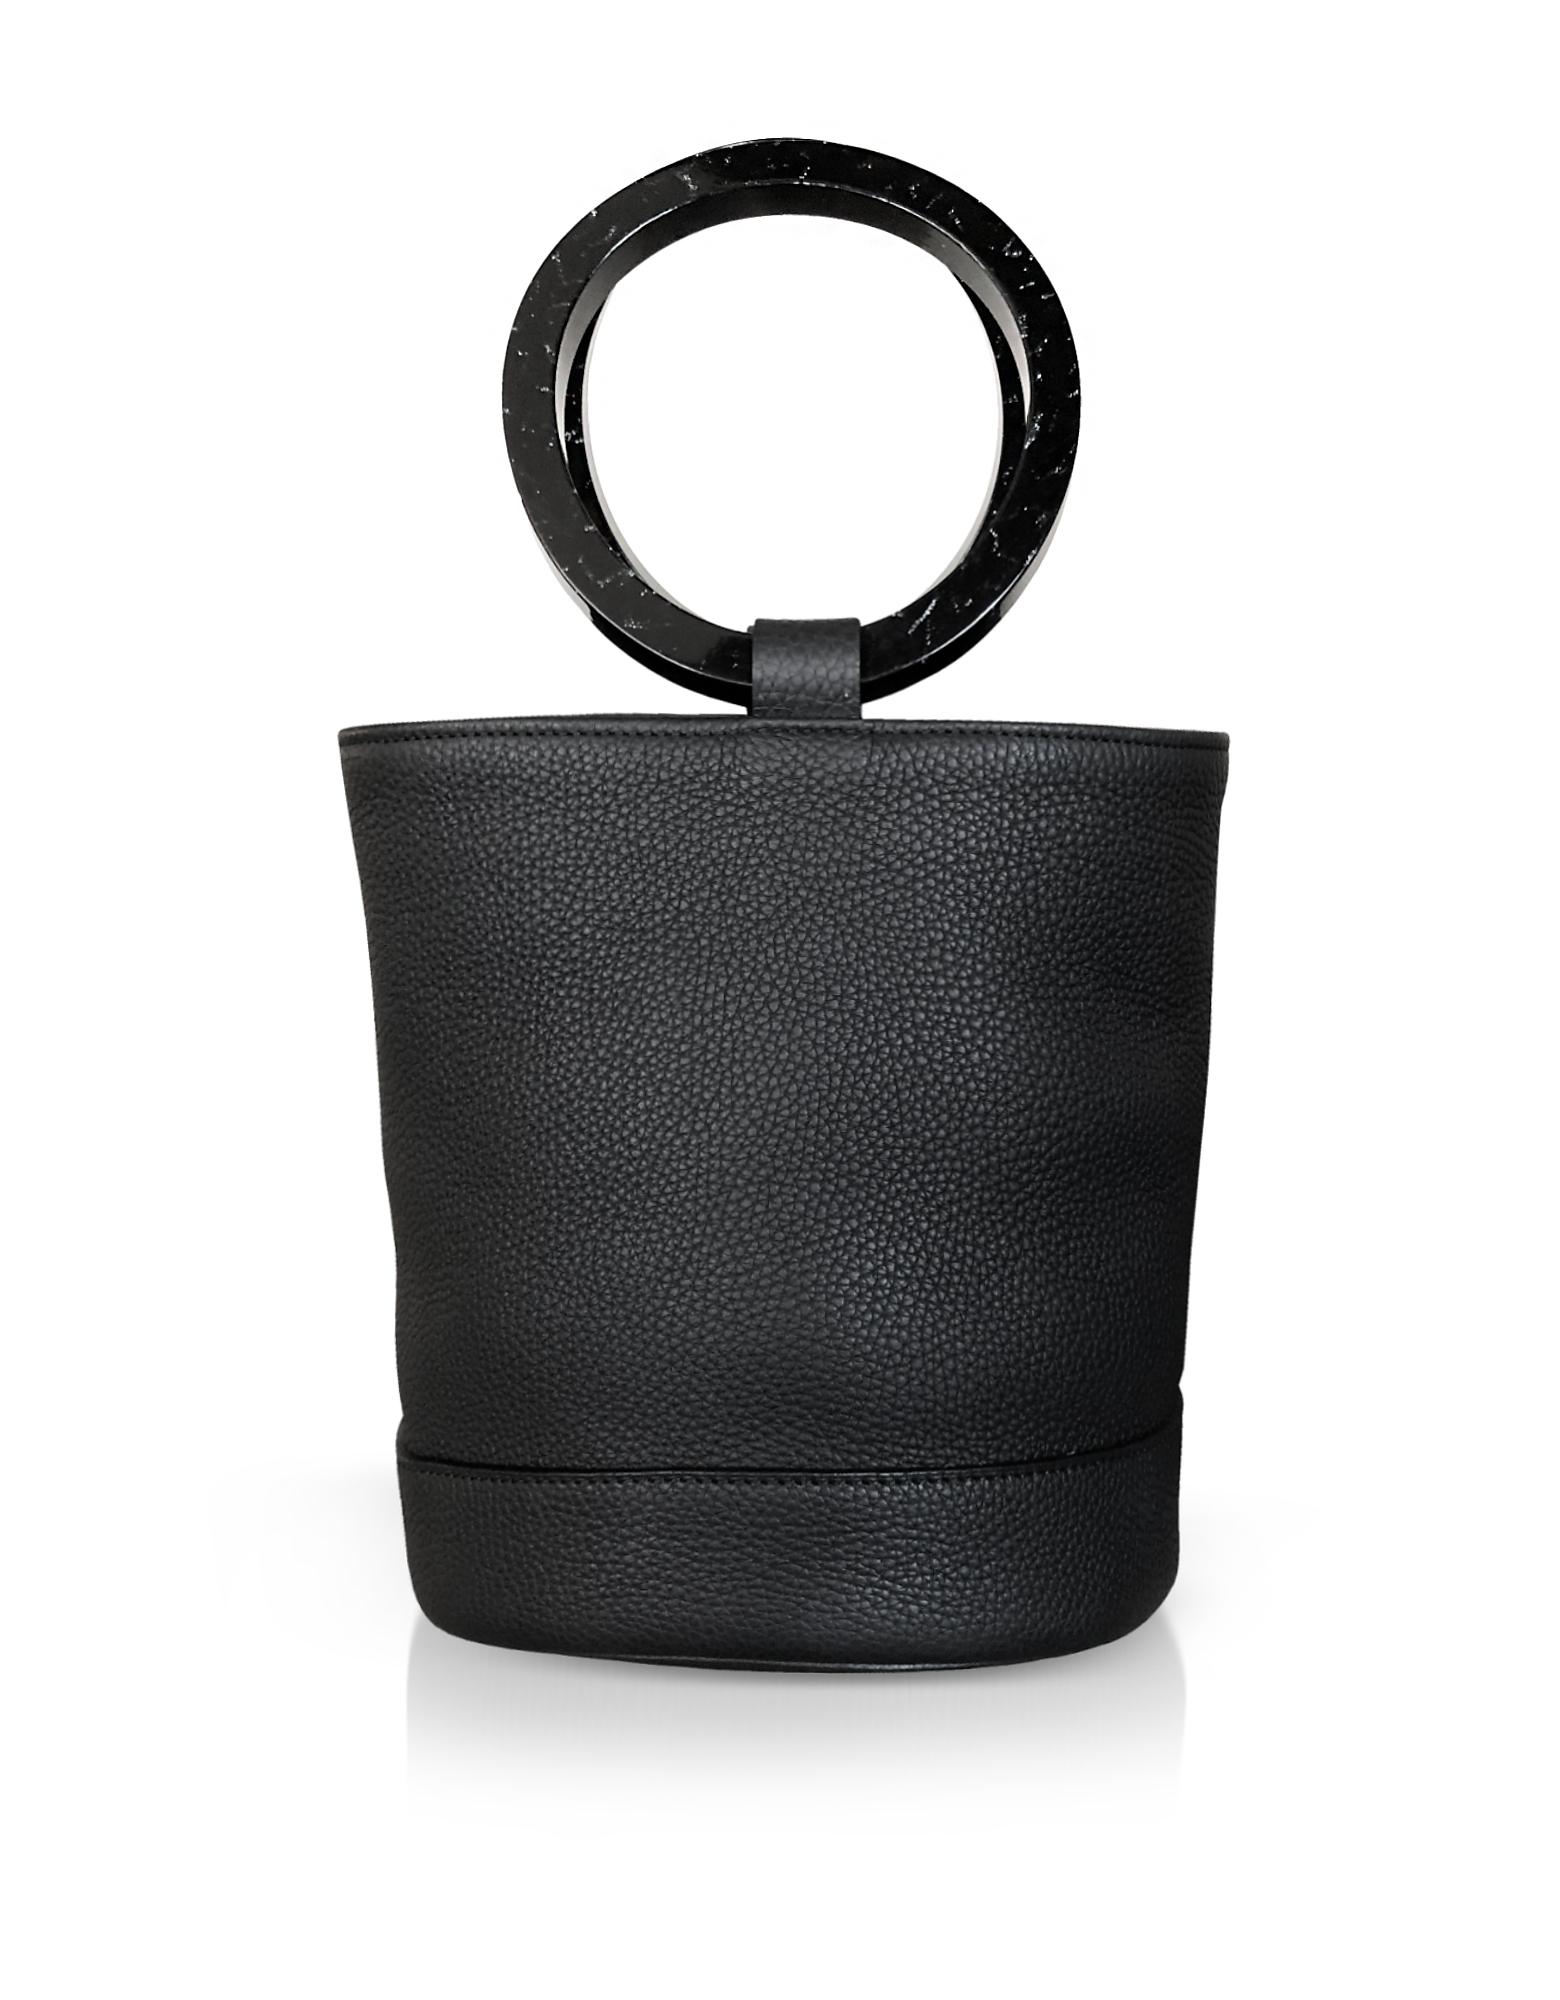 Image of Simon Miller Designer Handbags, Black Leather Bonsai 20cm Bag